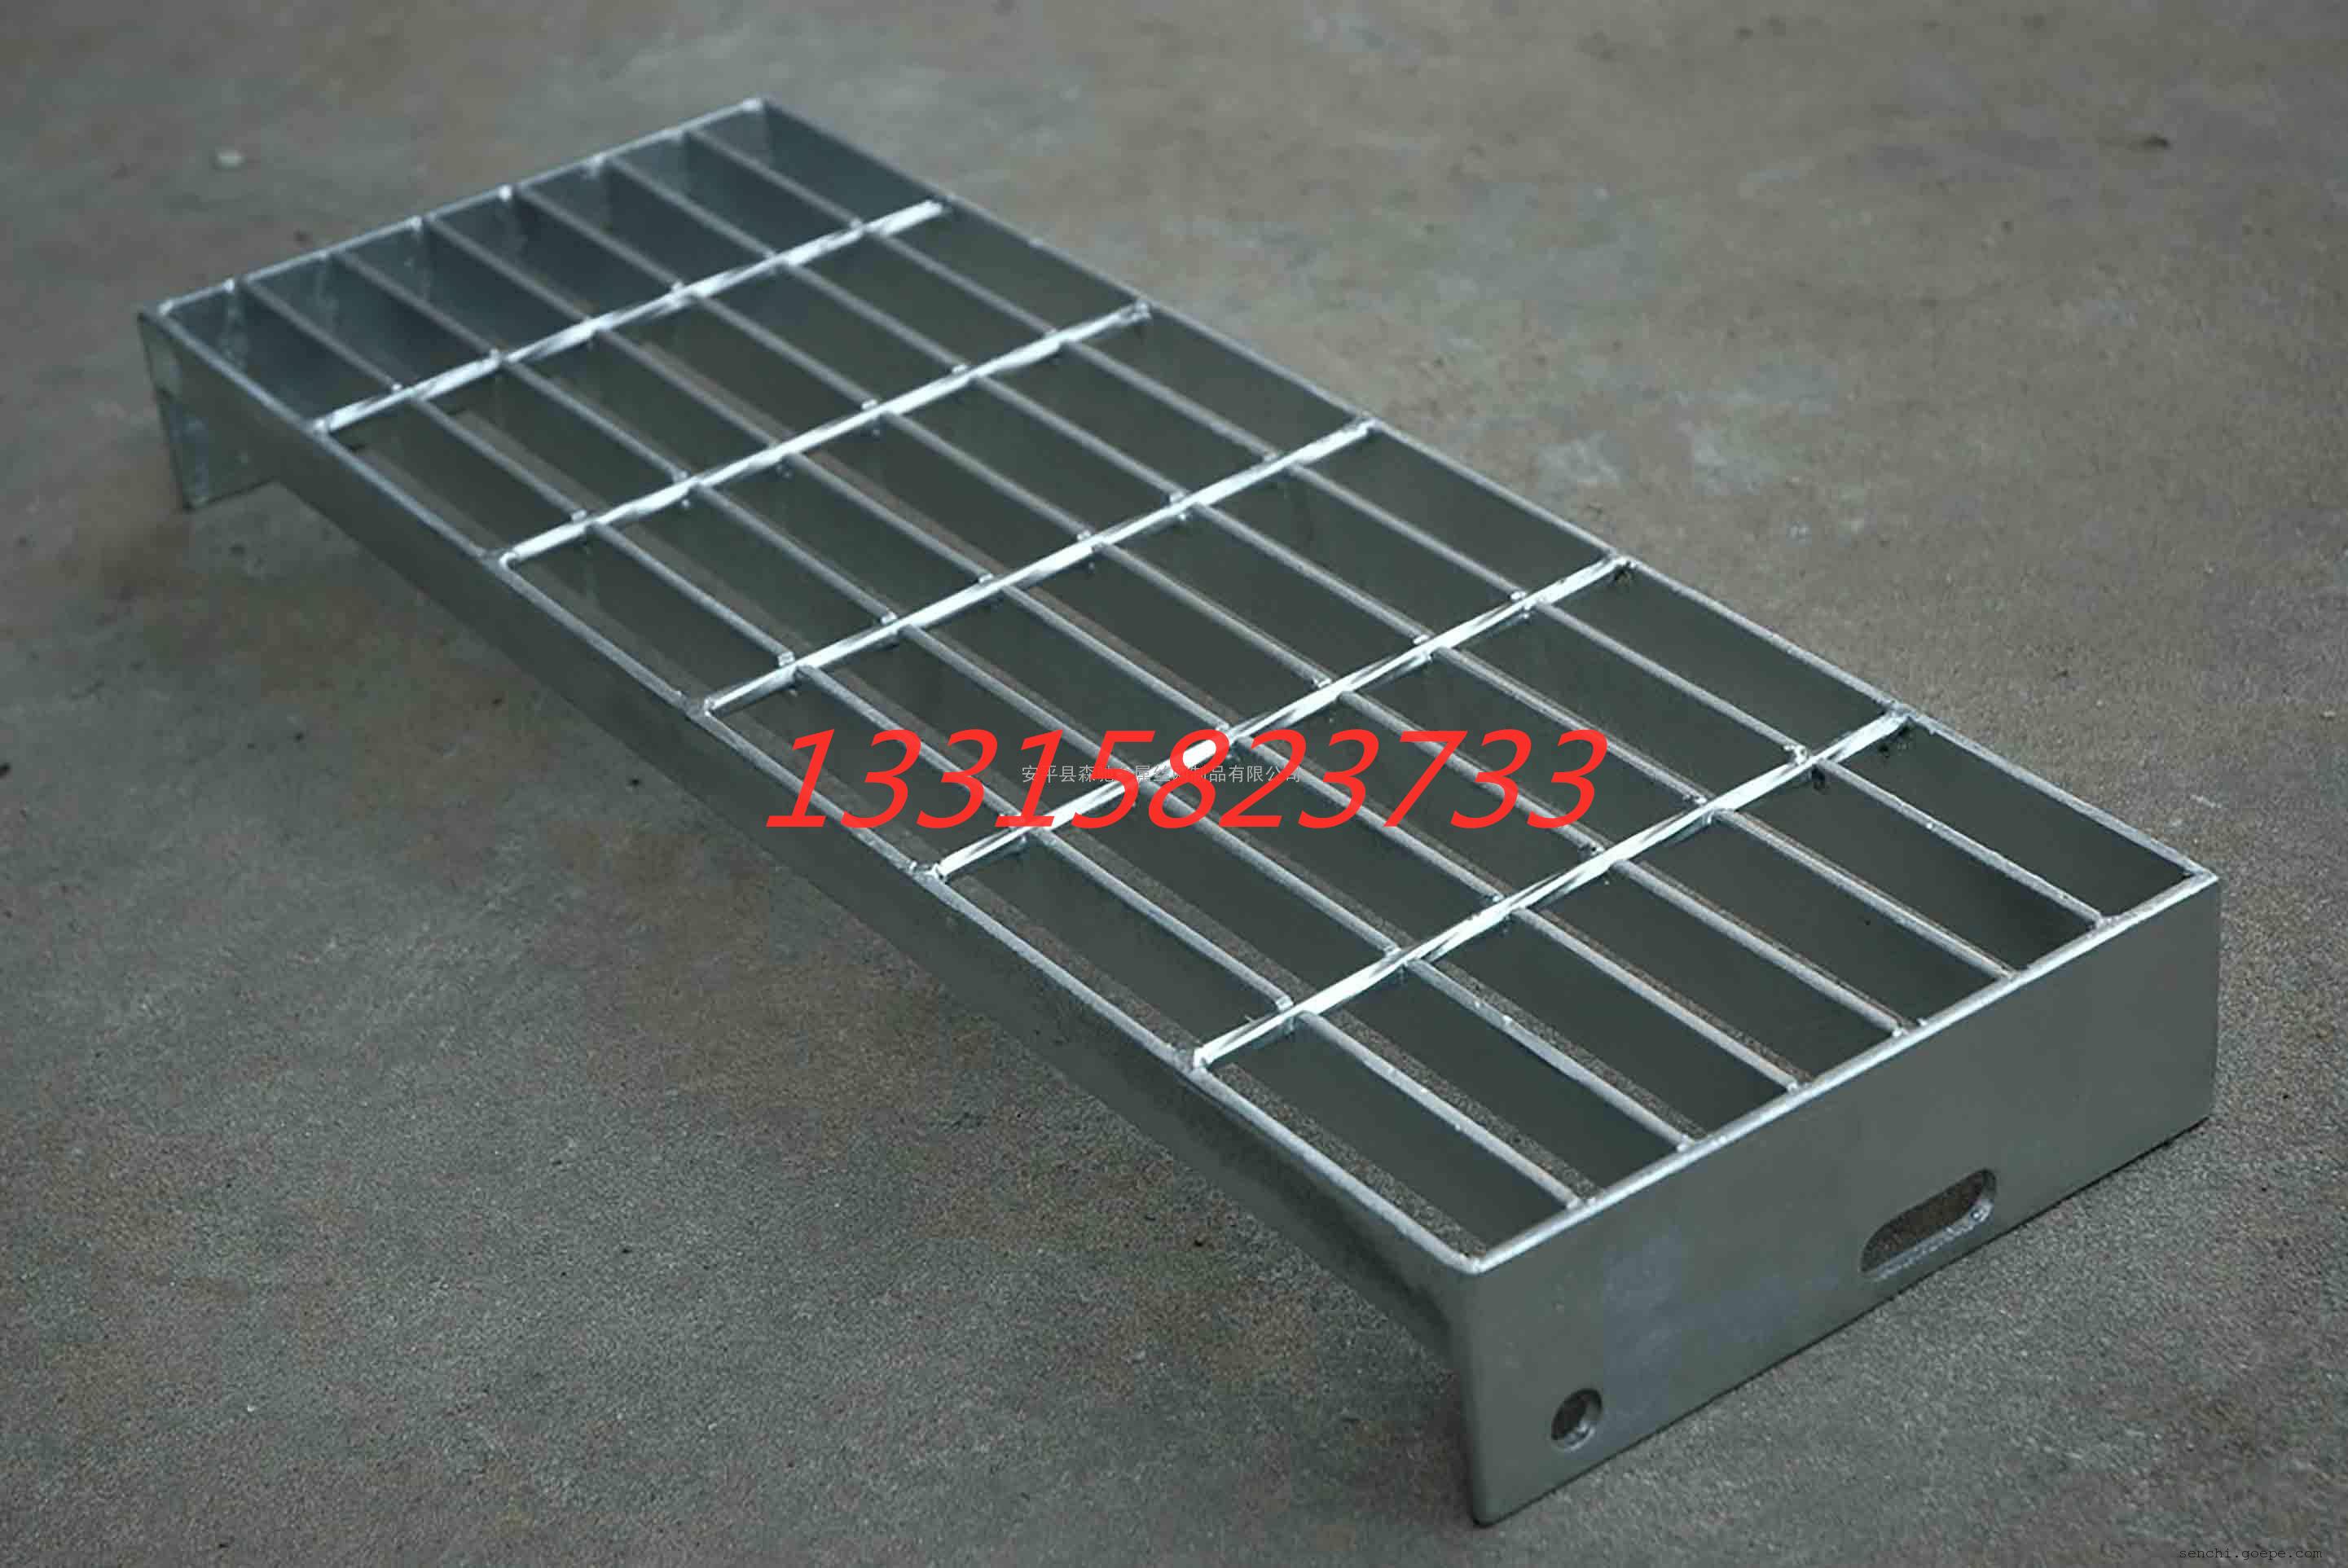 钢格板、钢格栅板、平台钢格板、球节点栏杆、楼梯踏板、防滑钢格板、插接钢格板、护栏钢格板、沟盖板 钢格板 球节点立柱栏杆